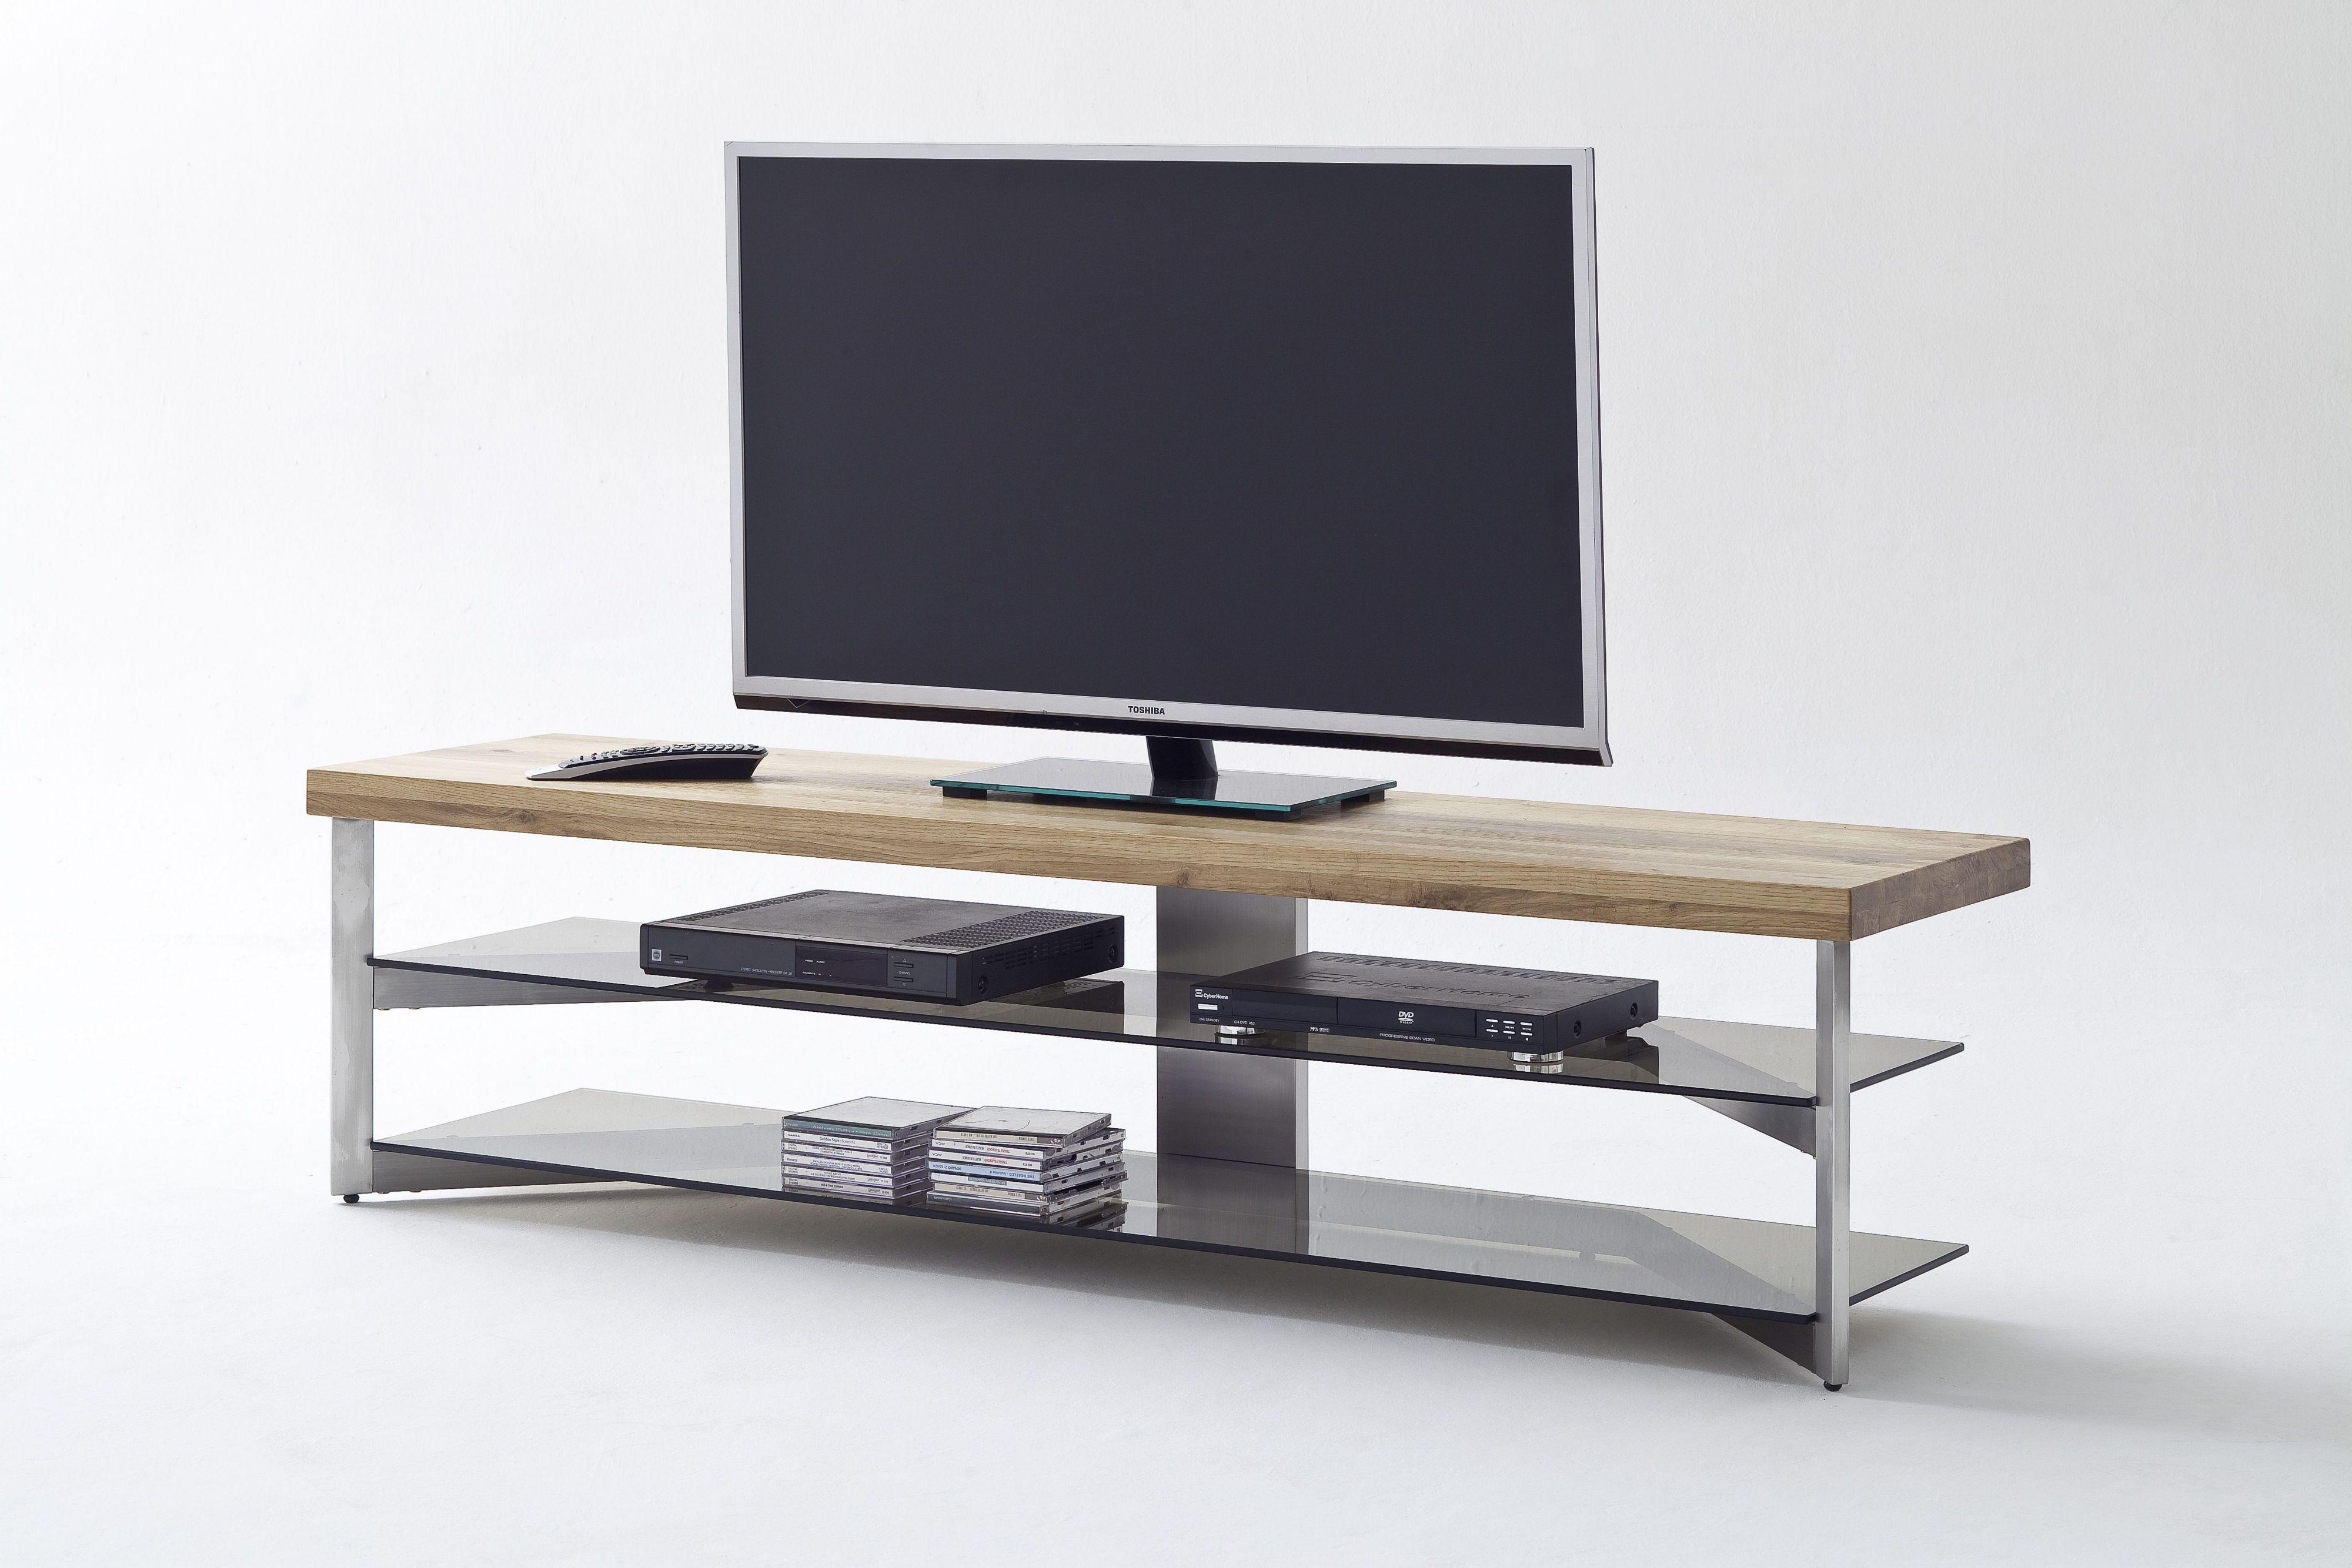 media tv rack 160 cm eiche massiv glas grau woody 41 02409 holz